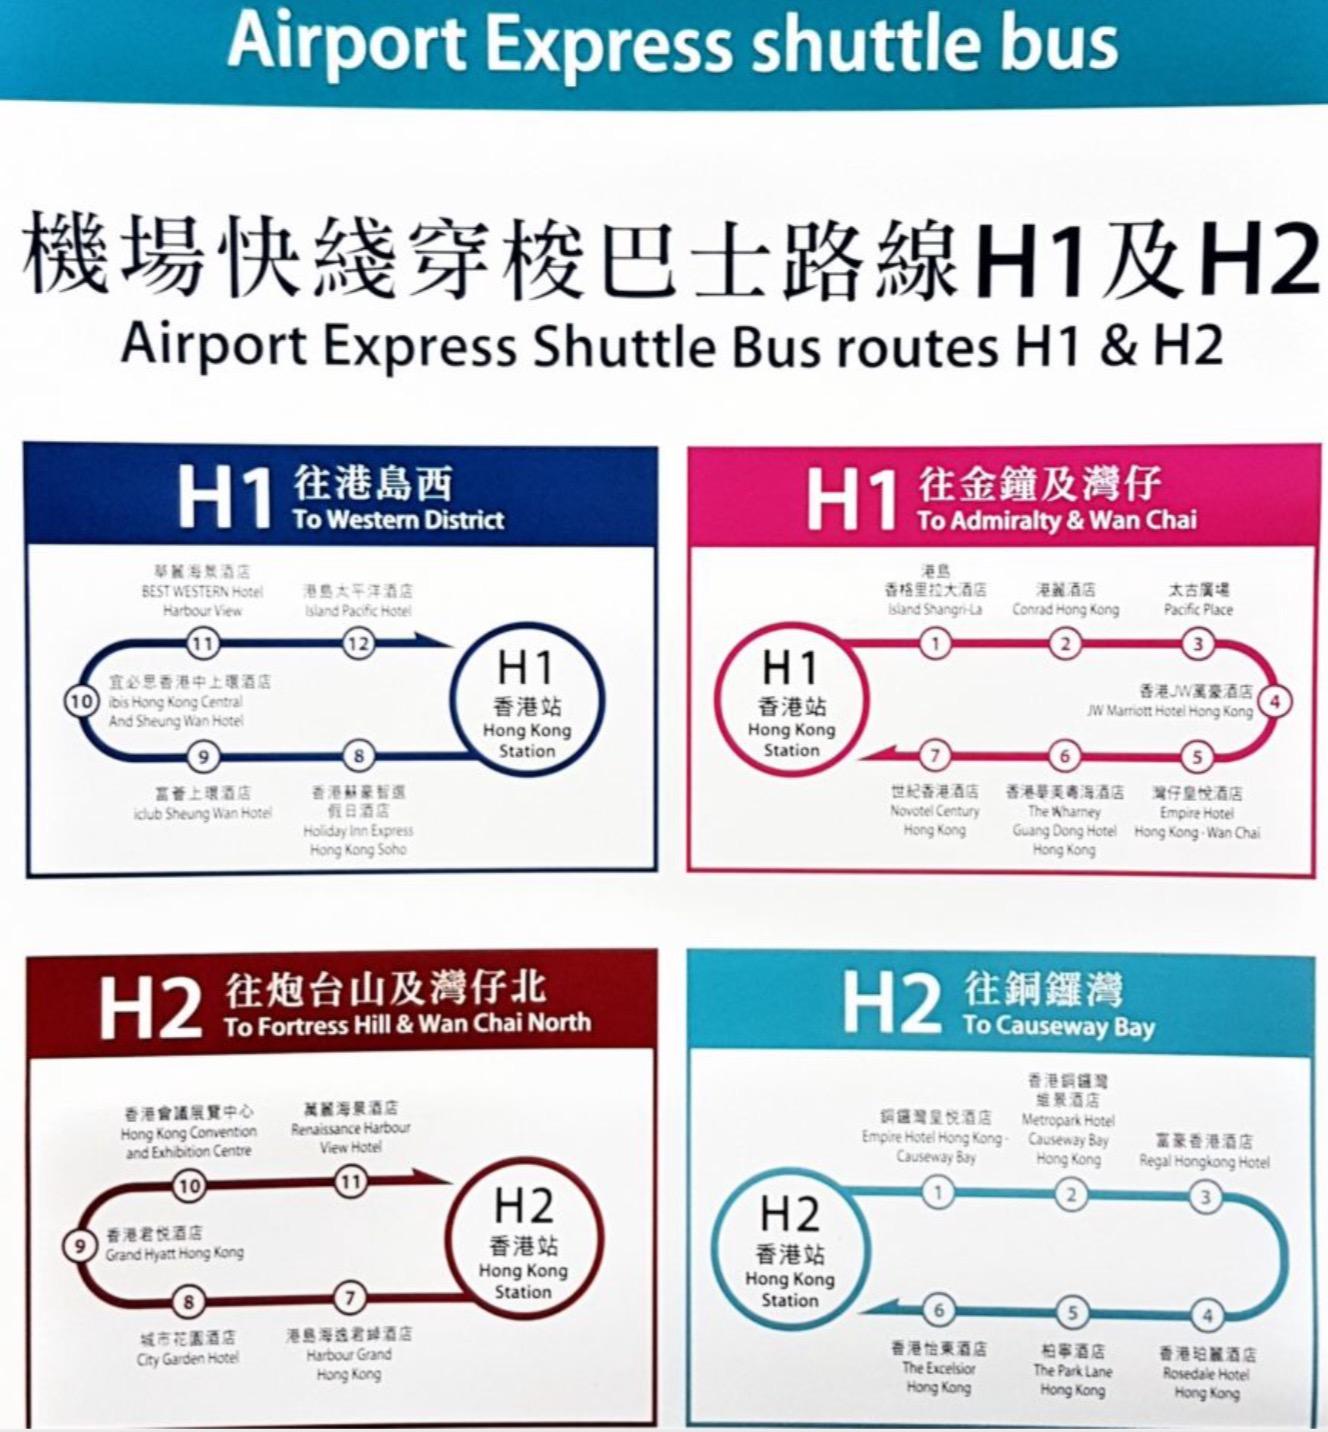 香港-エアポートエクスプレス-シャトルバス-乗り方-路線図-5